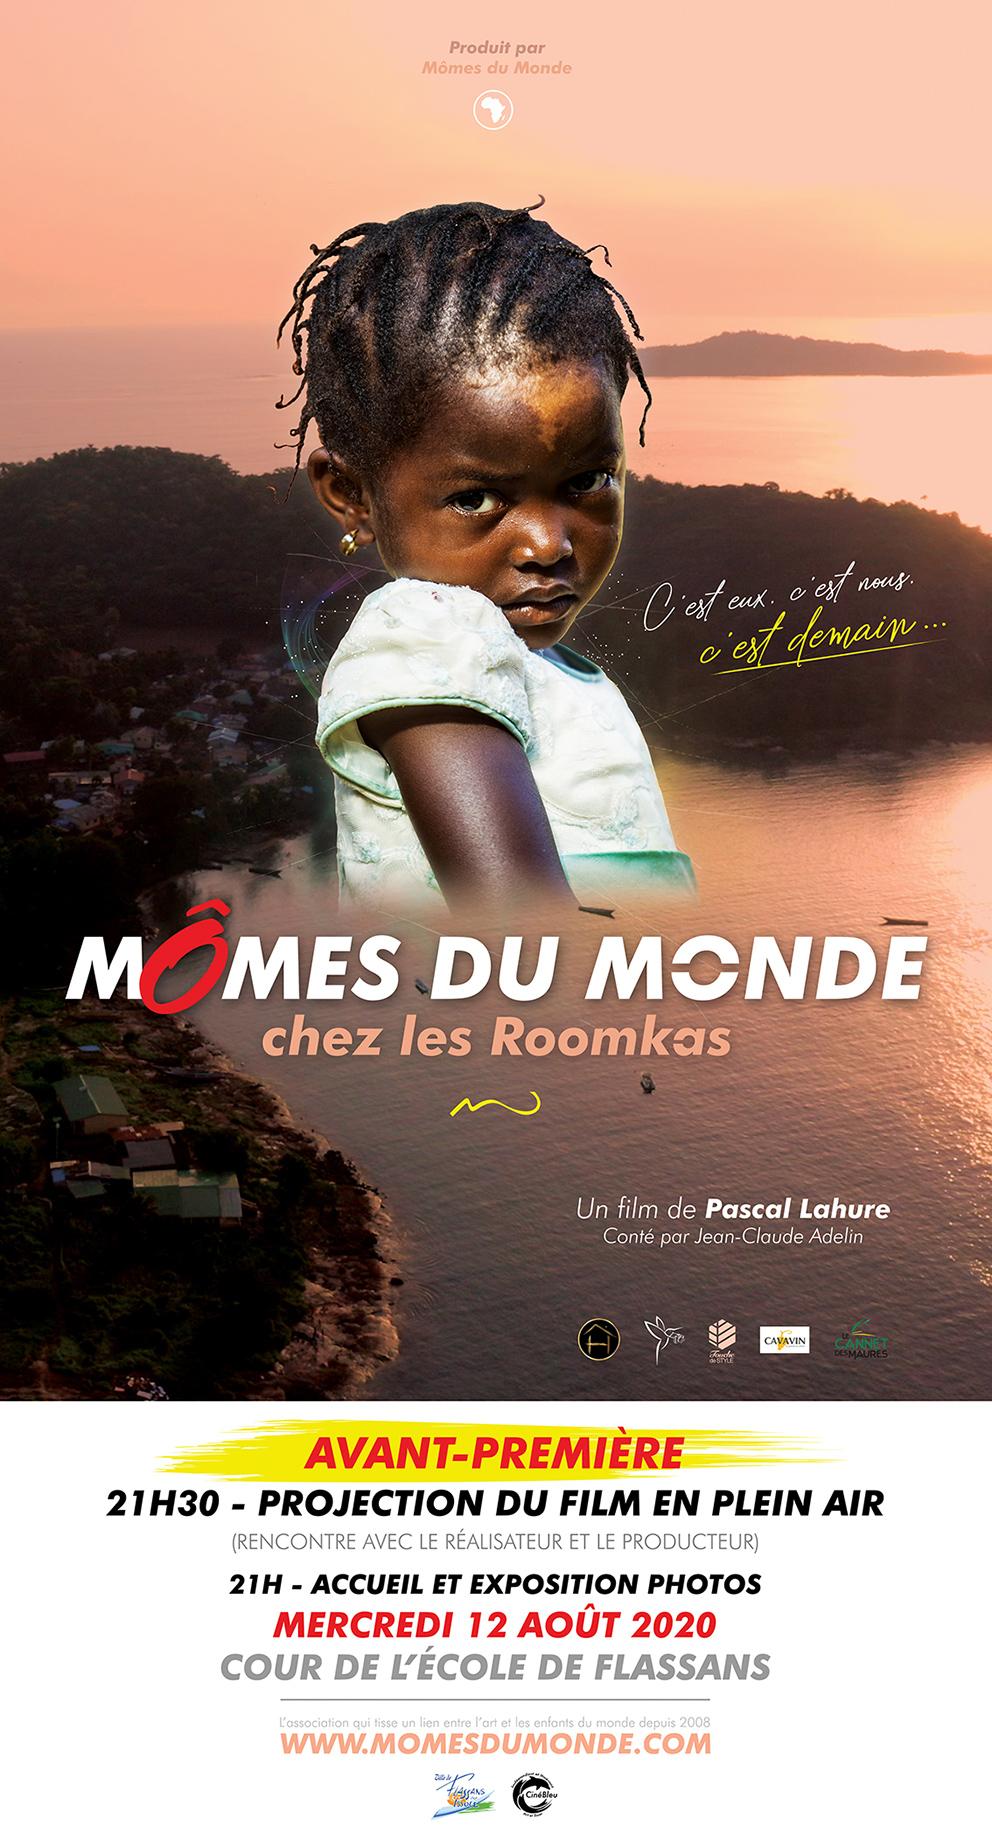 enfant afrique affiche rose